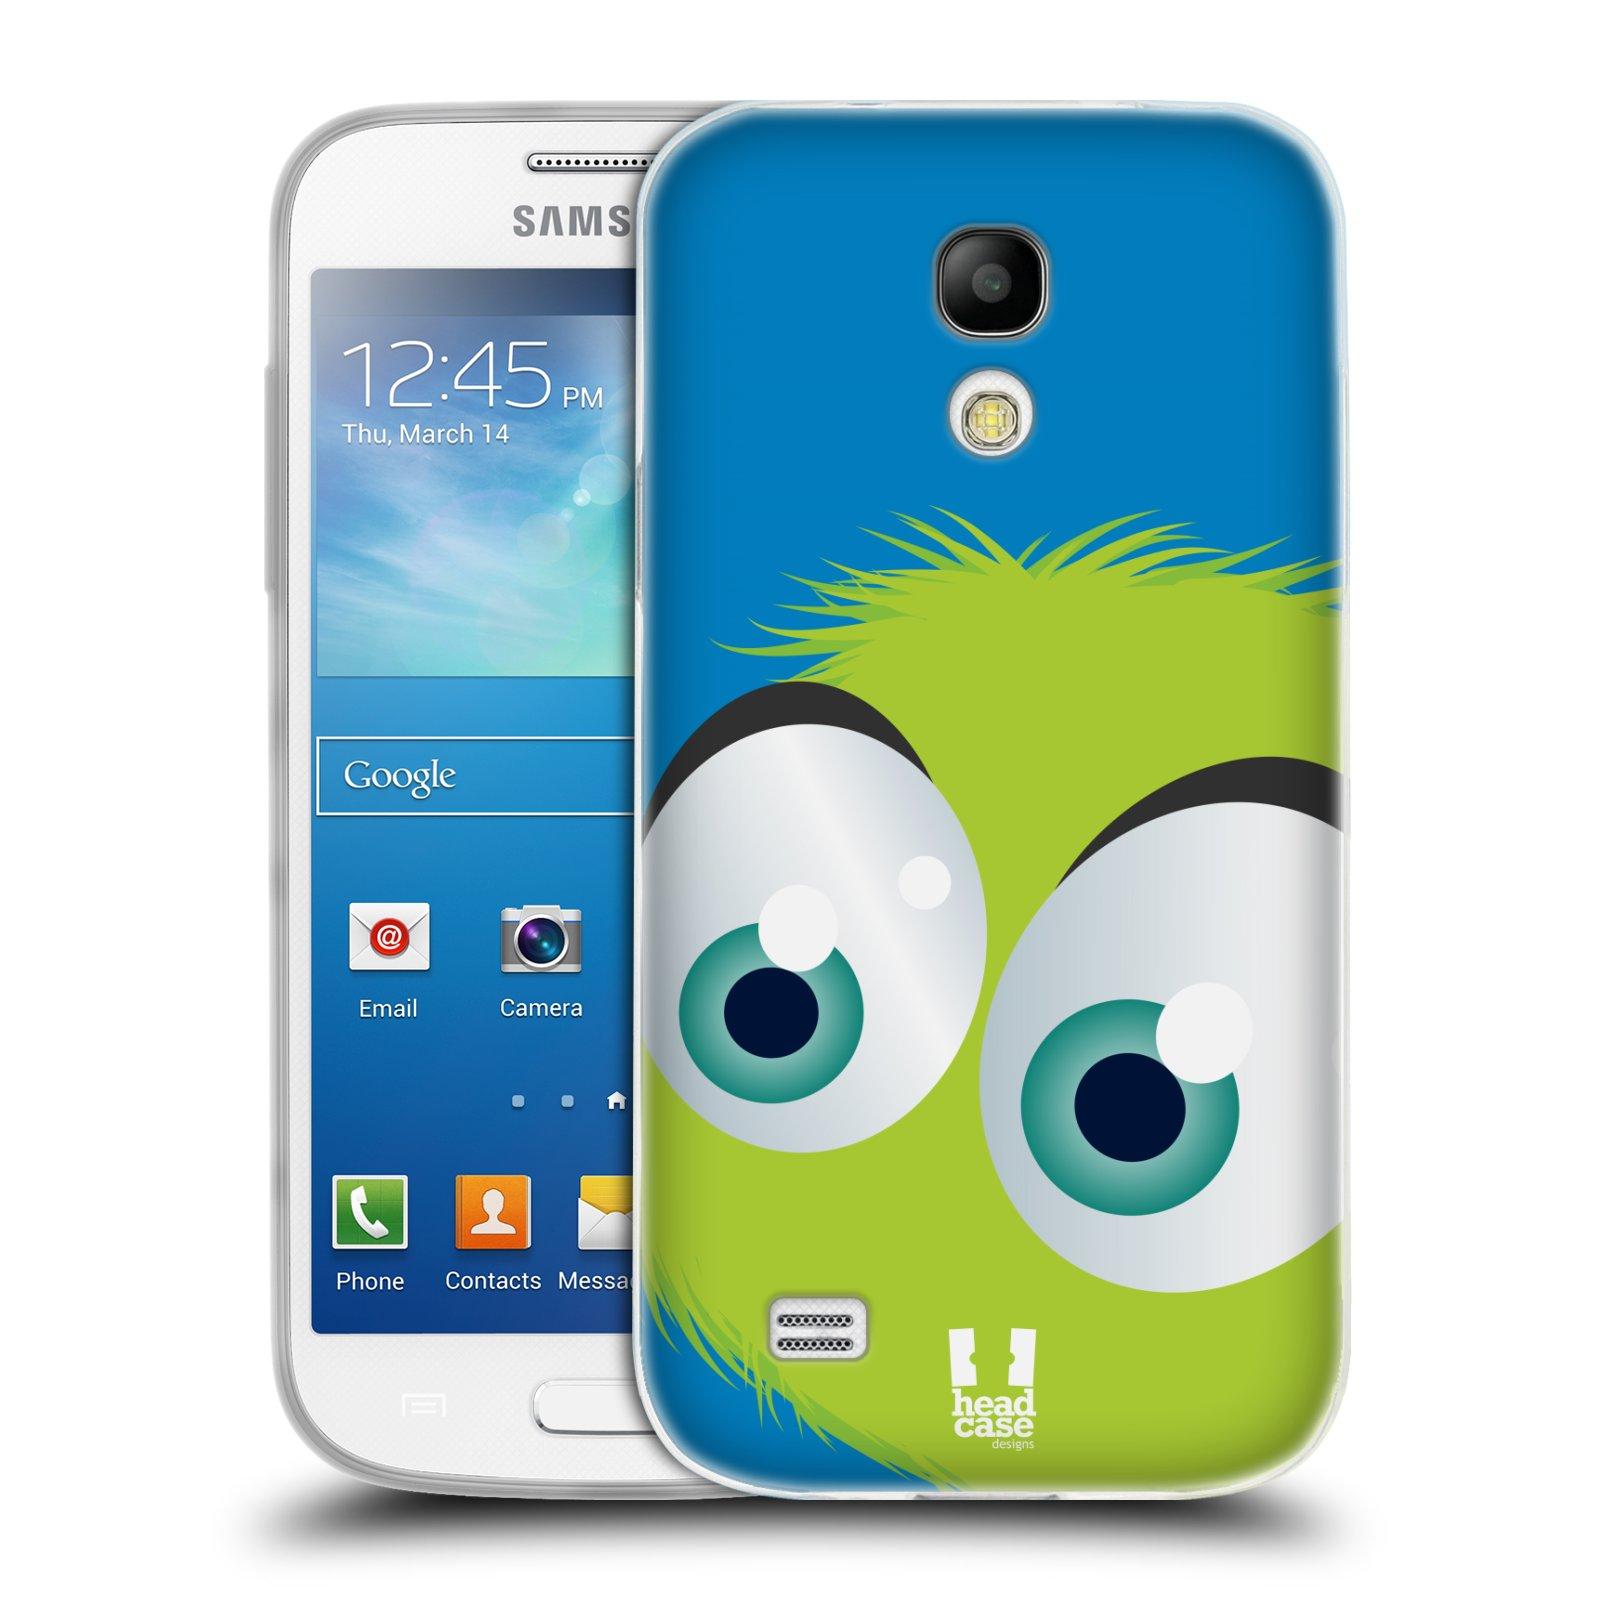 Silikonové pouzdro na mobil Samsung Galaxy S4 Mini HEAD CASE FUZÍK ZELENÝ (Silikonový kryt či obal na mobilní telefon Samsung Galaxy S4 Mini GT-i9195 / i9190 (nepasuje na verzi Black Edition))